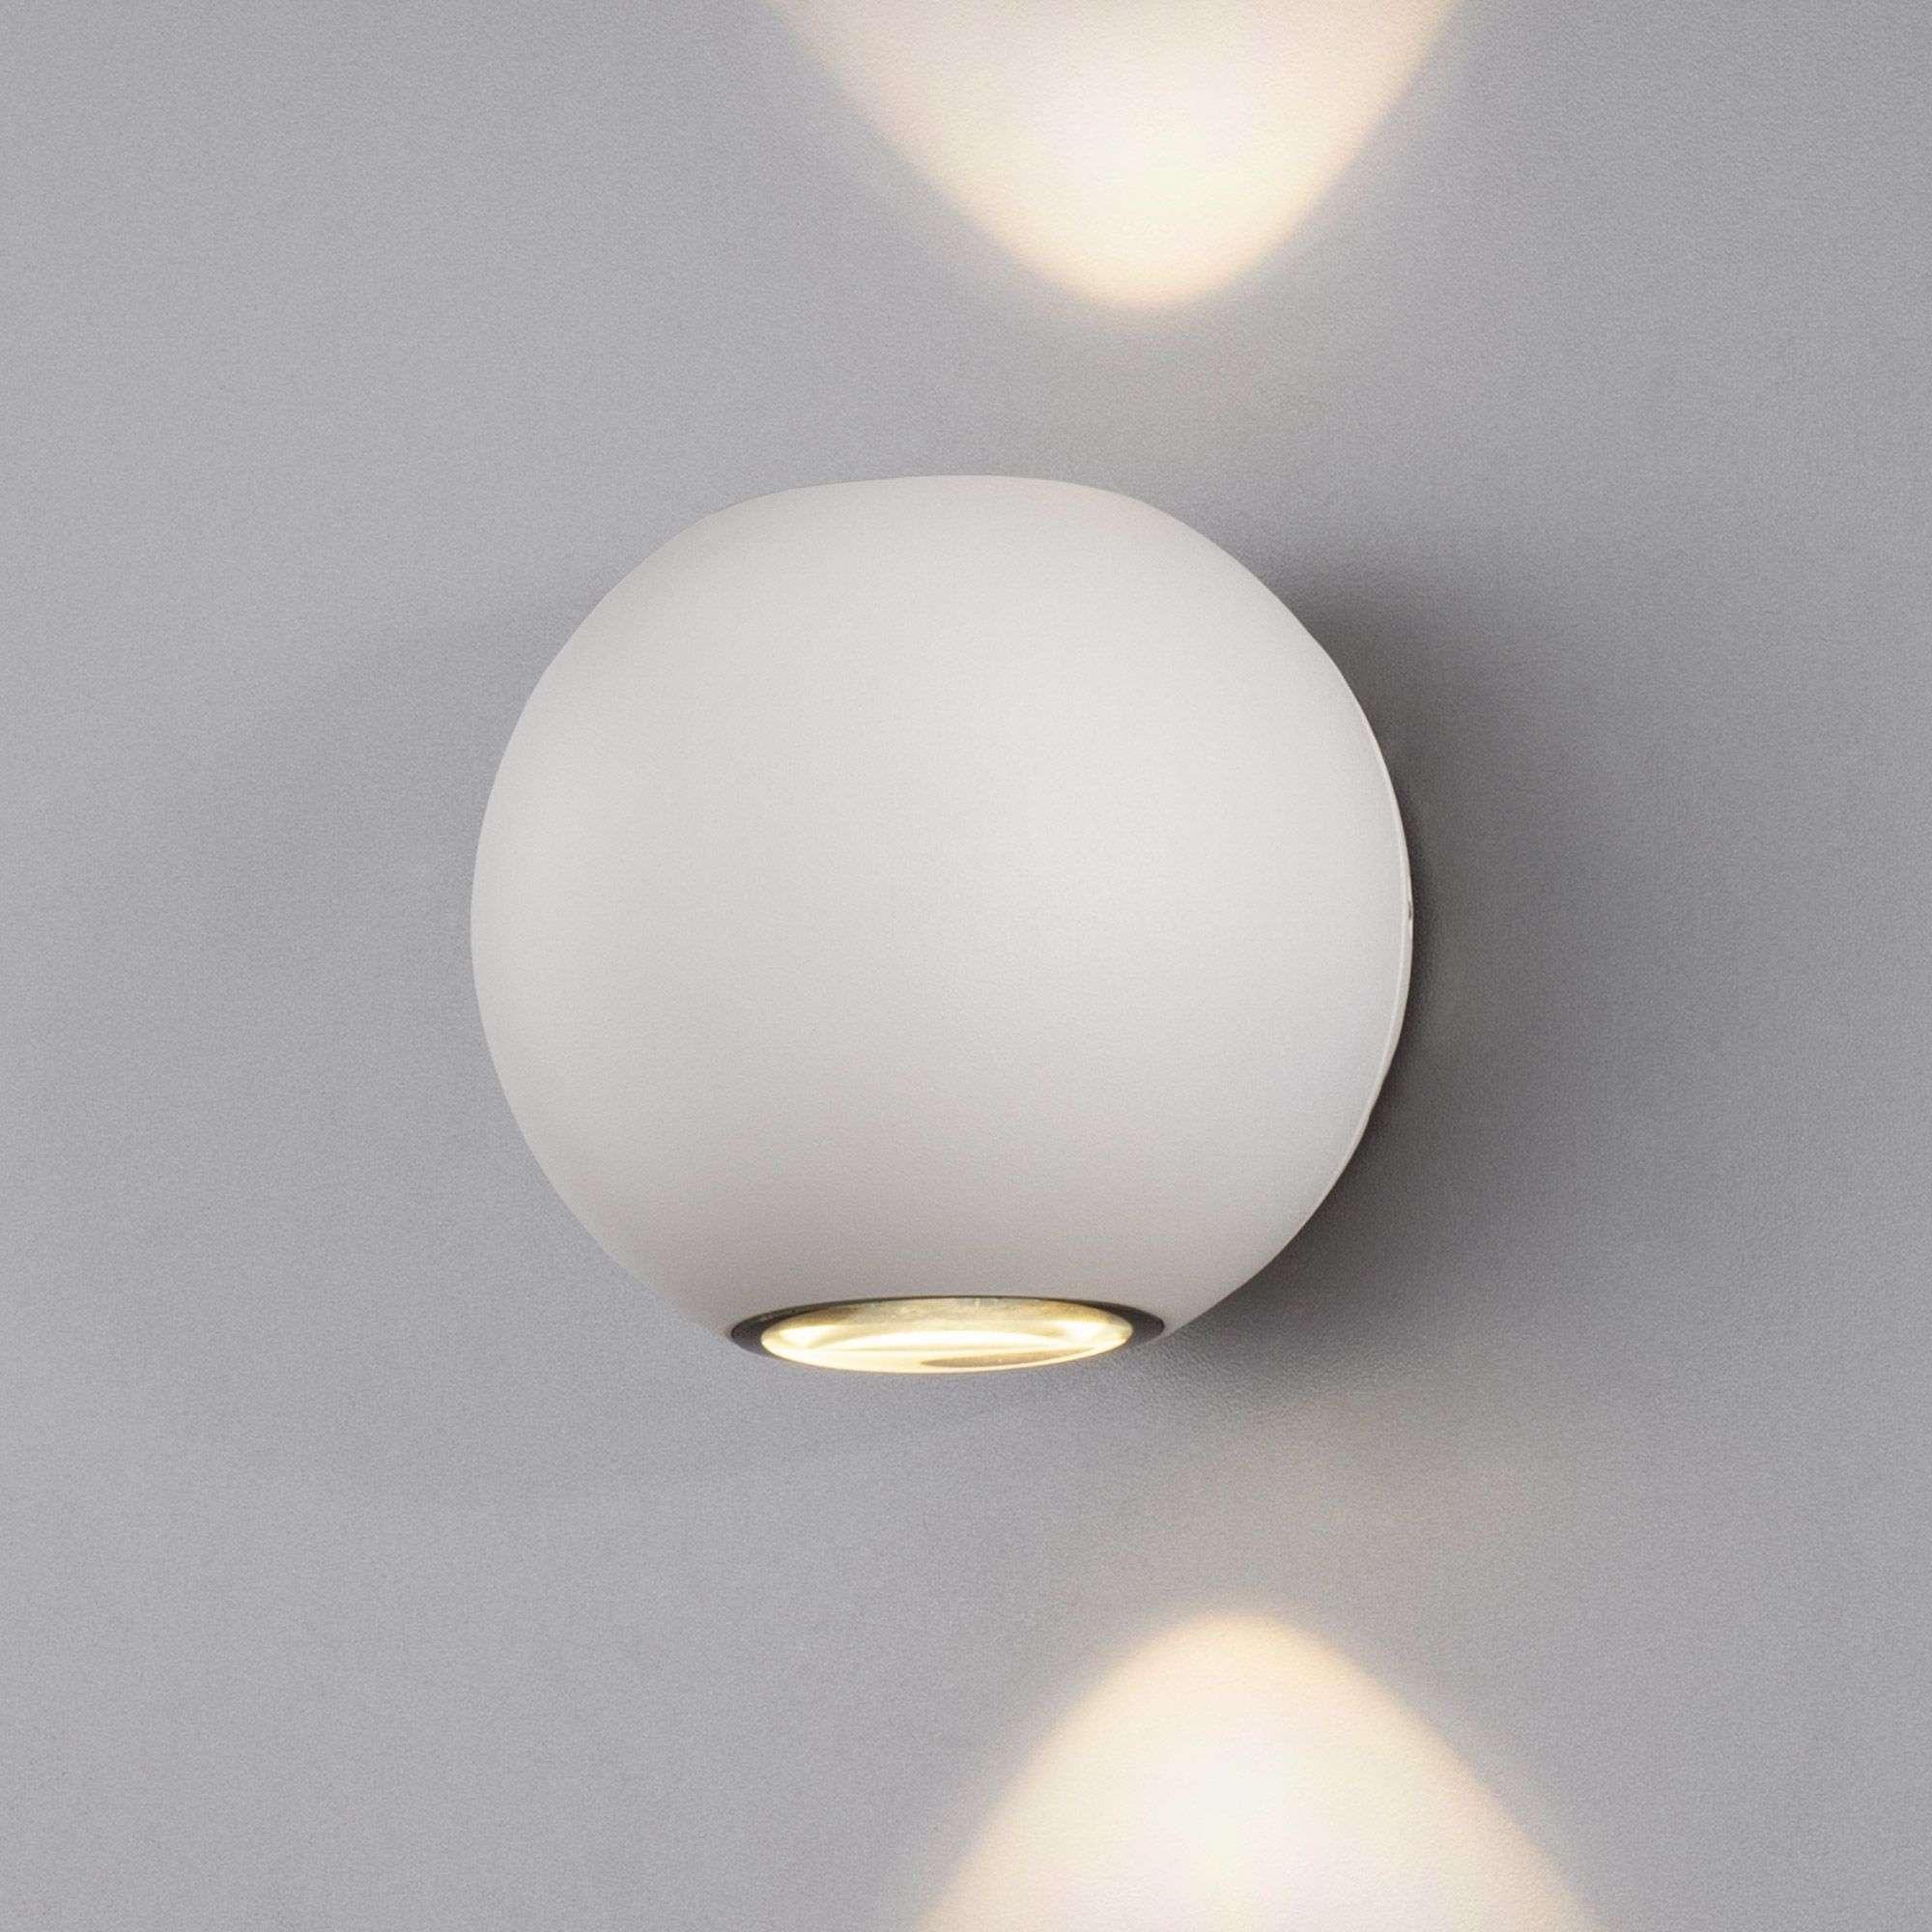 Пылевлагозащи<wbr>щенный светодиодный светильник Diver белый IP54 1566 Techno LED белый